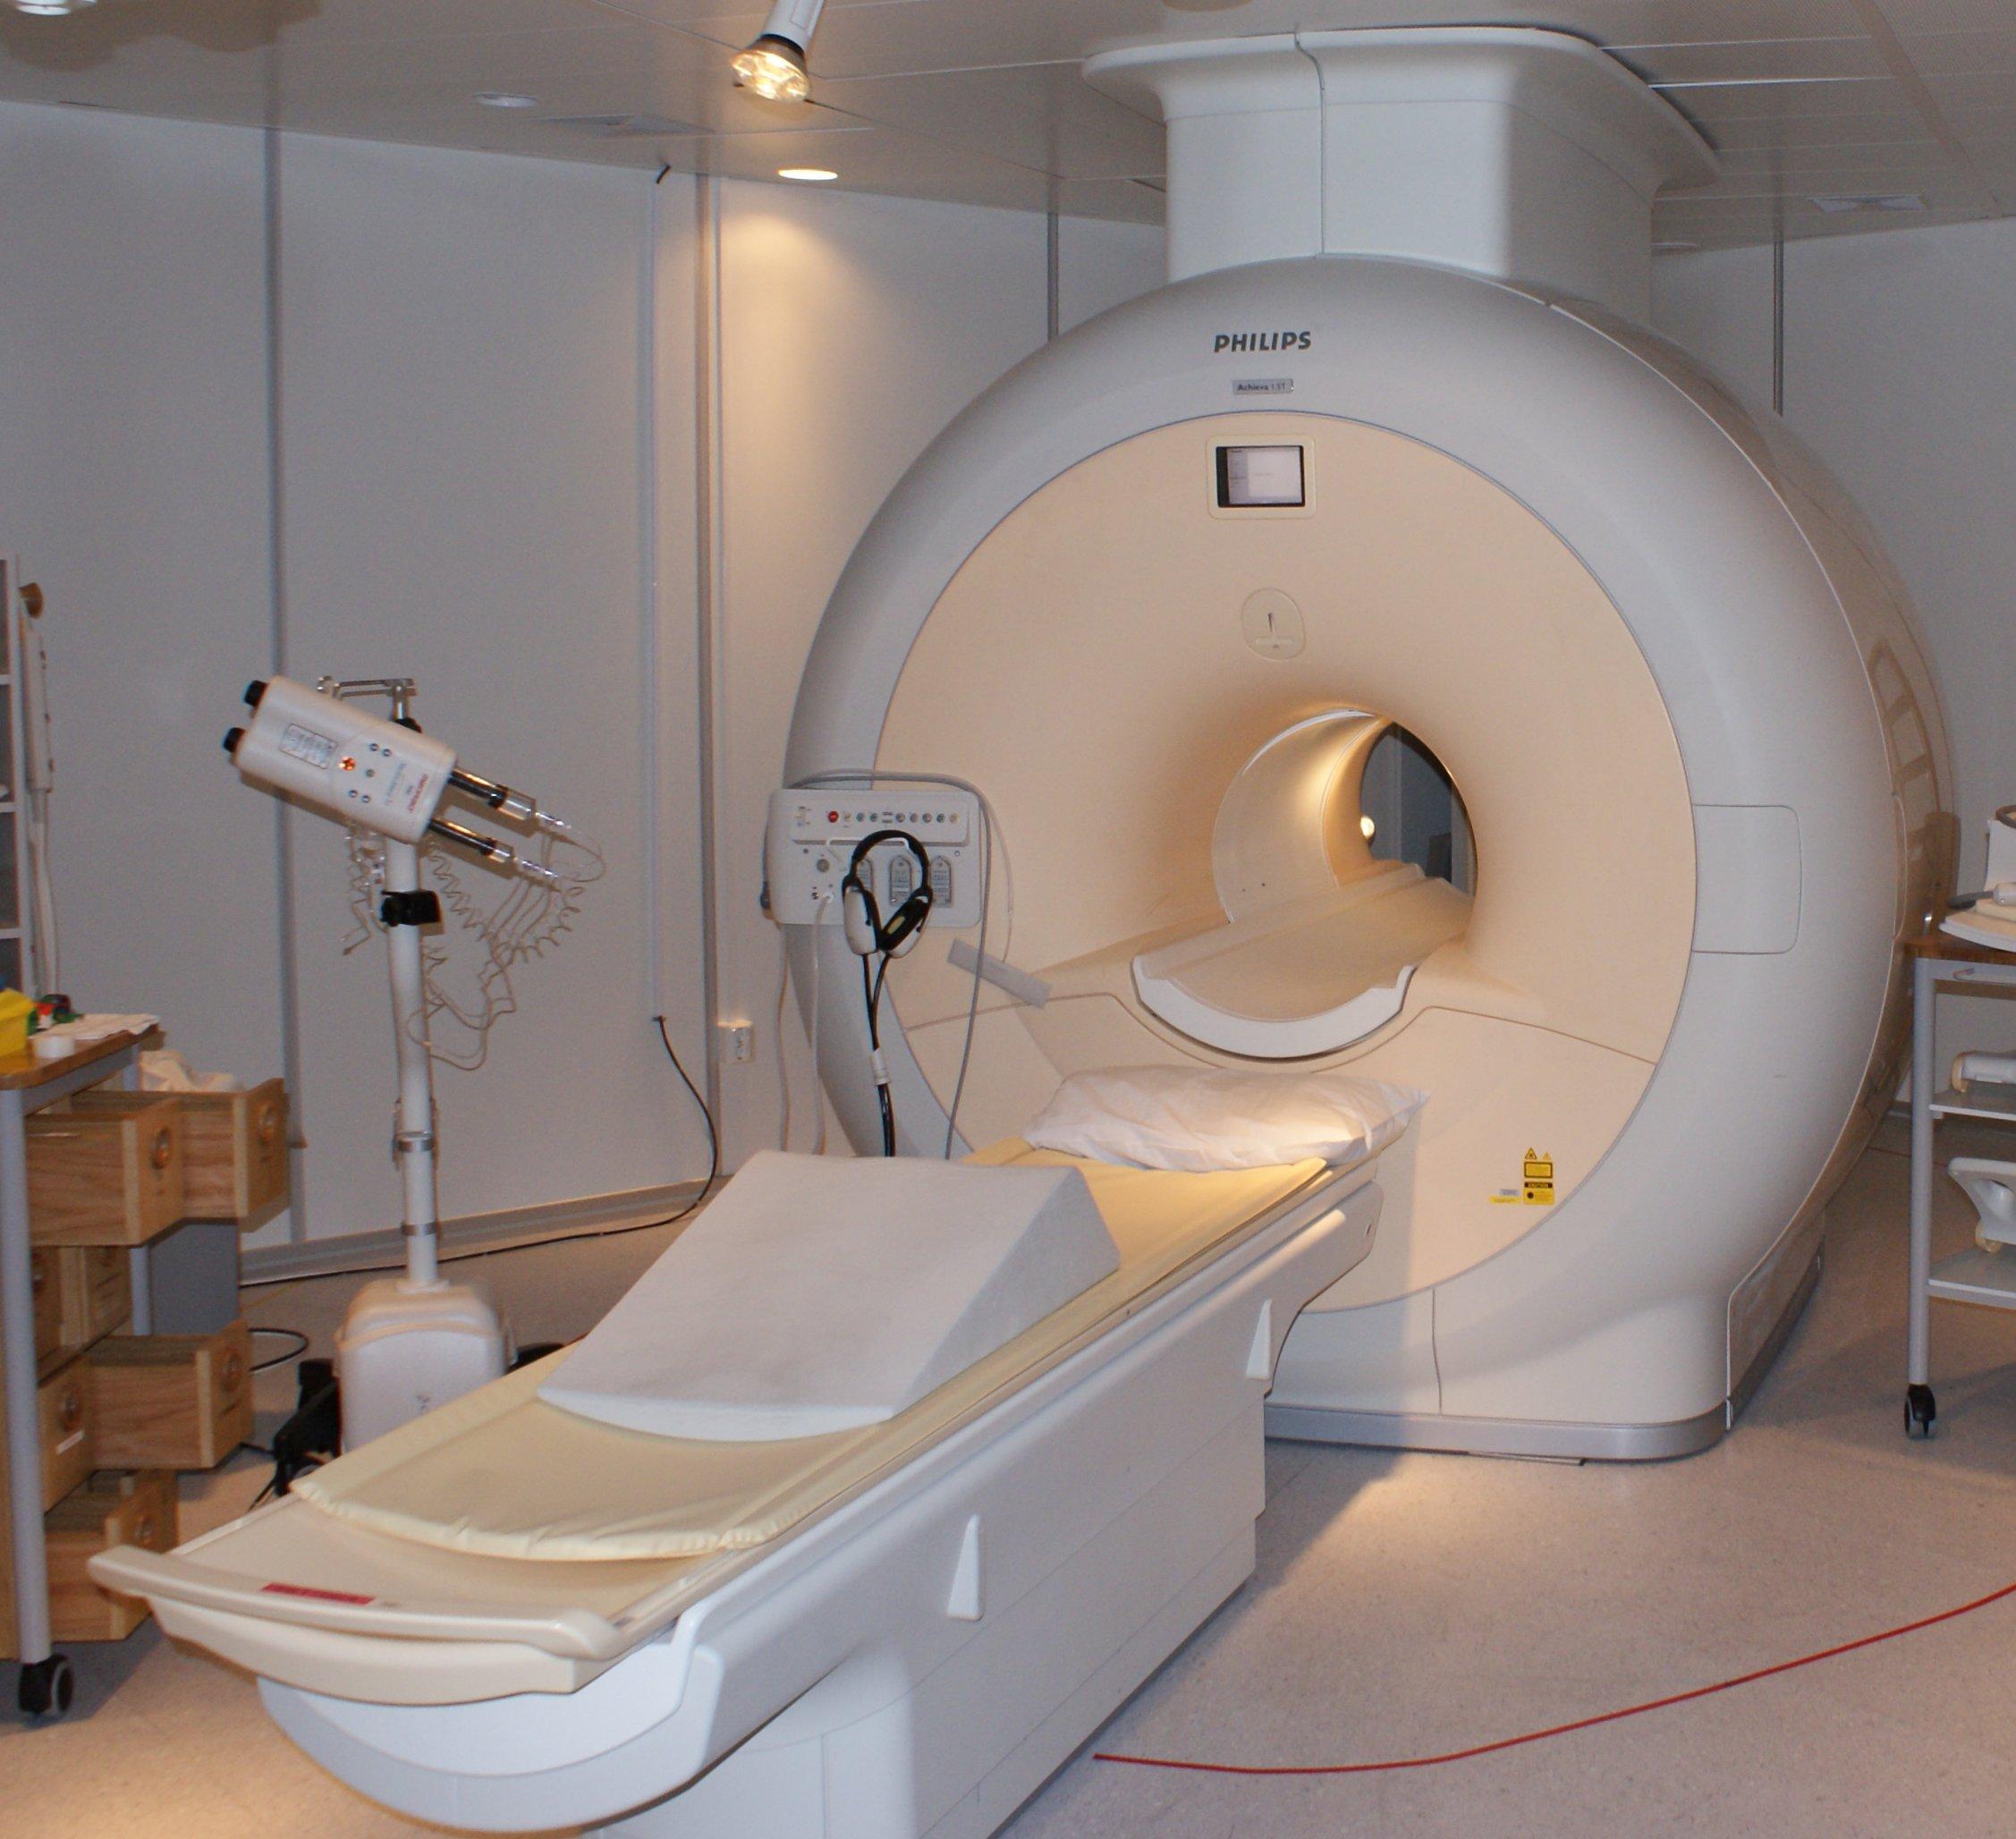 What Happens During an MRA? Patient Describes Procedure